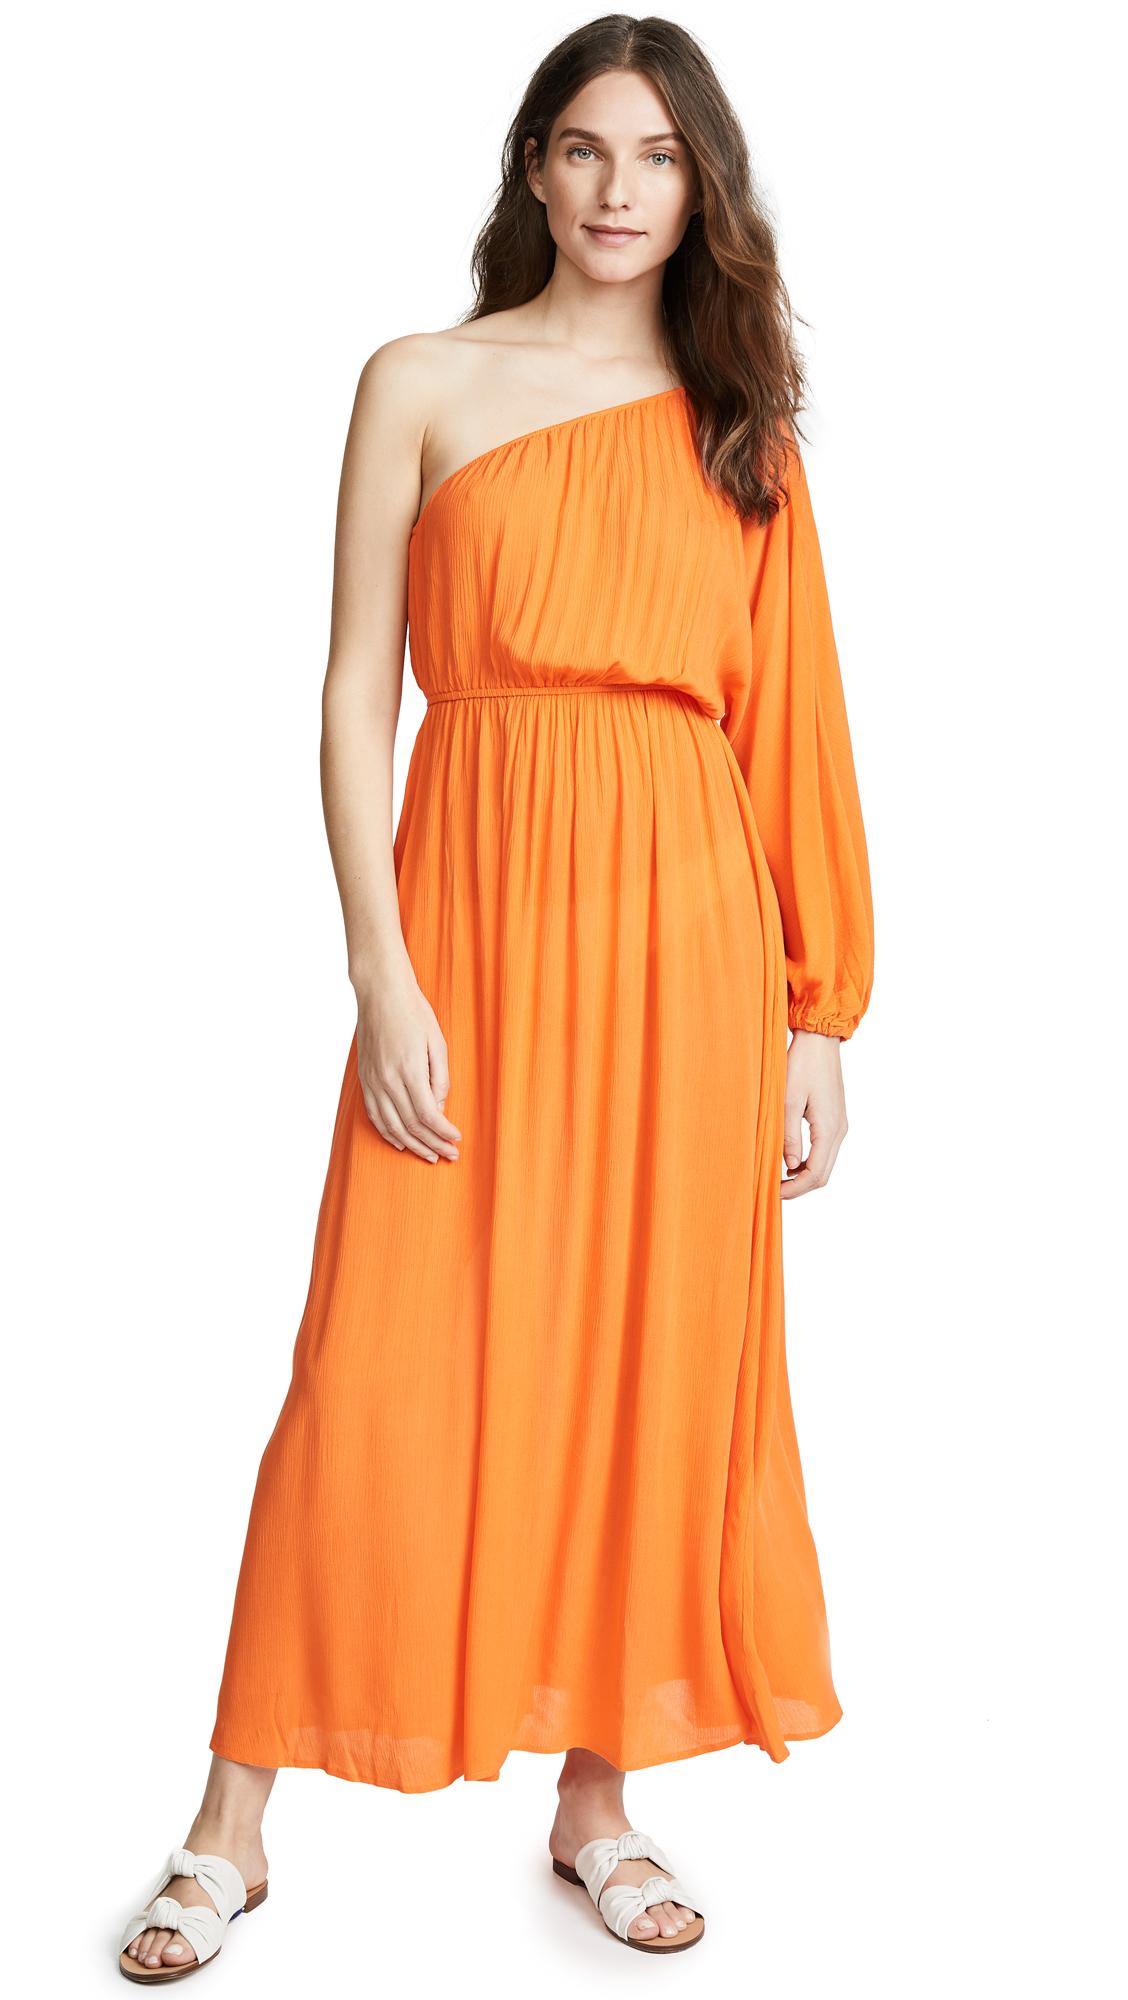 Mara Hoffman Orange Vera Dress - Orange